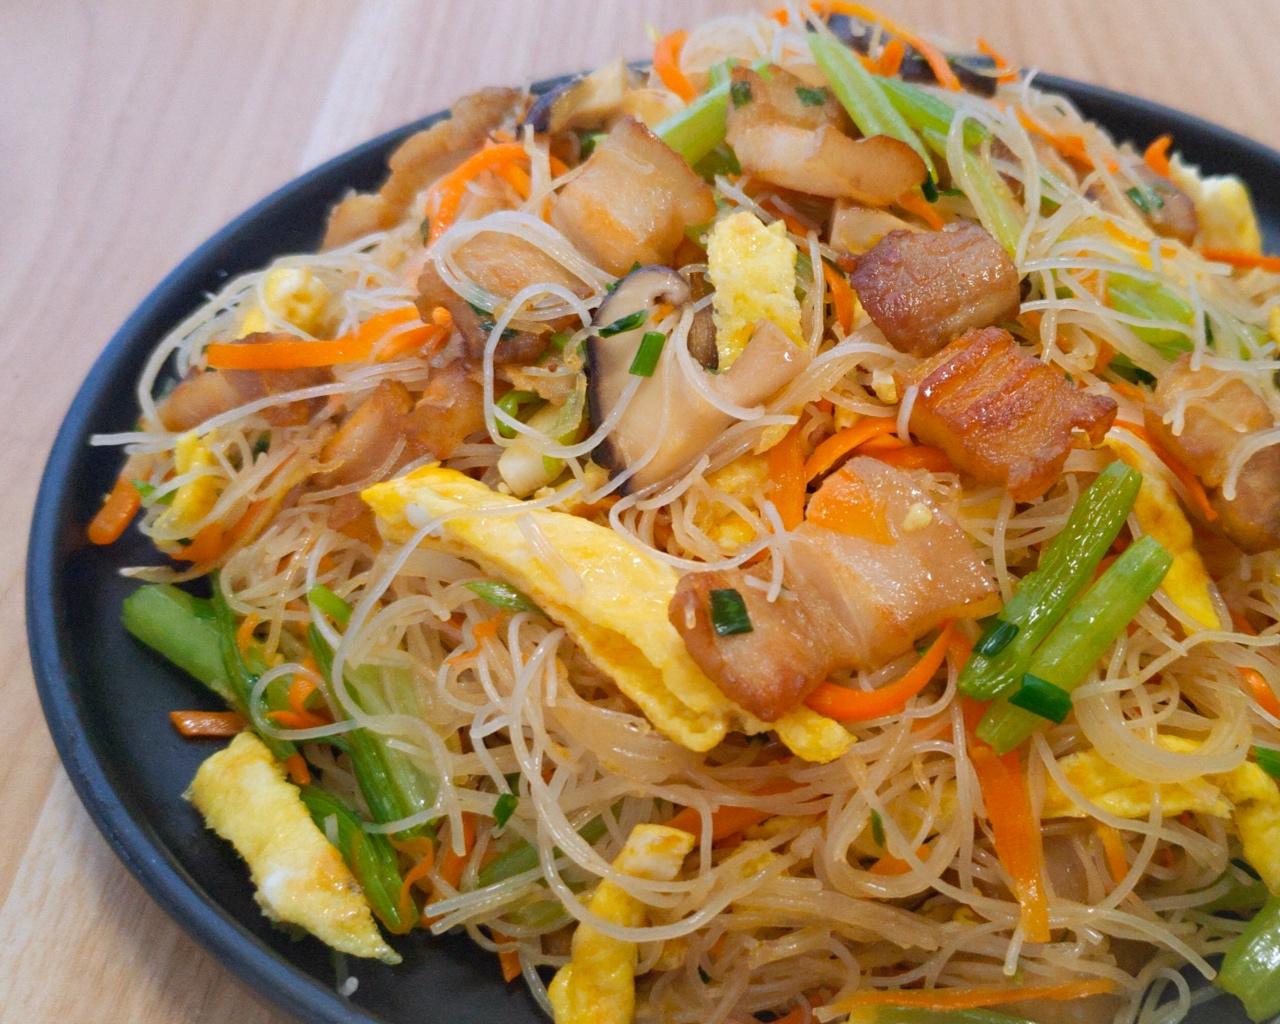 しかし、主食がごちそうの特徴的な温州の揚げ物がピンク色に揚げると、再び上がることができます。